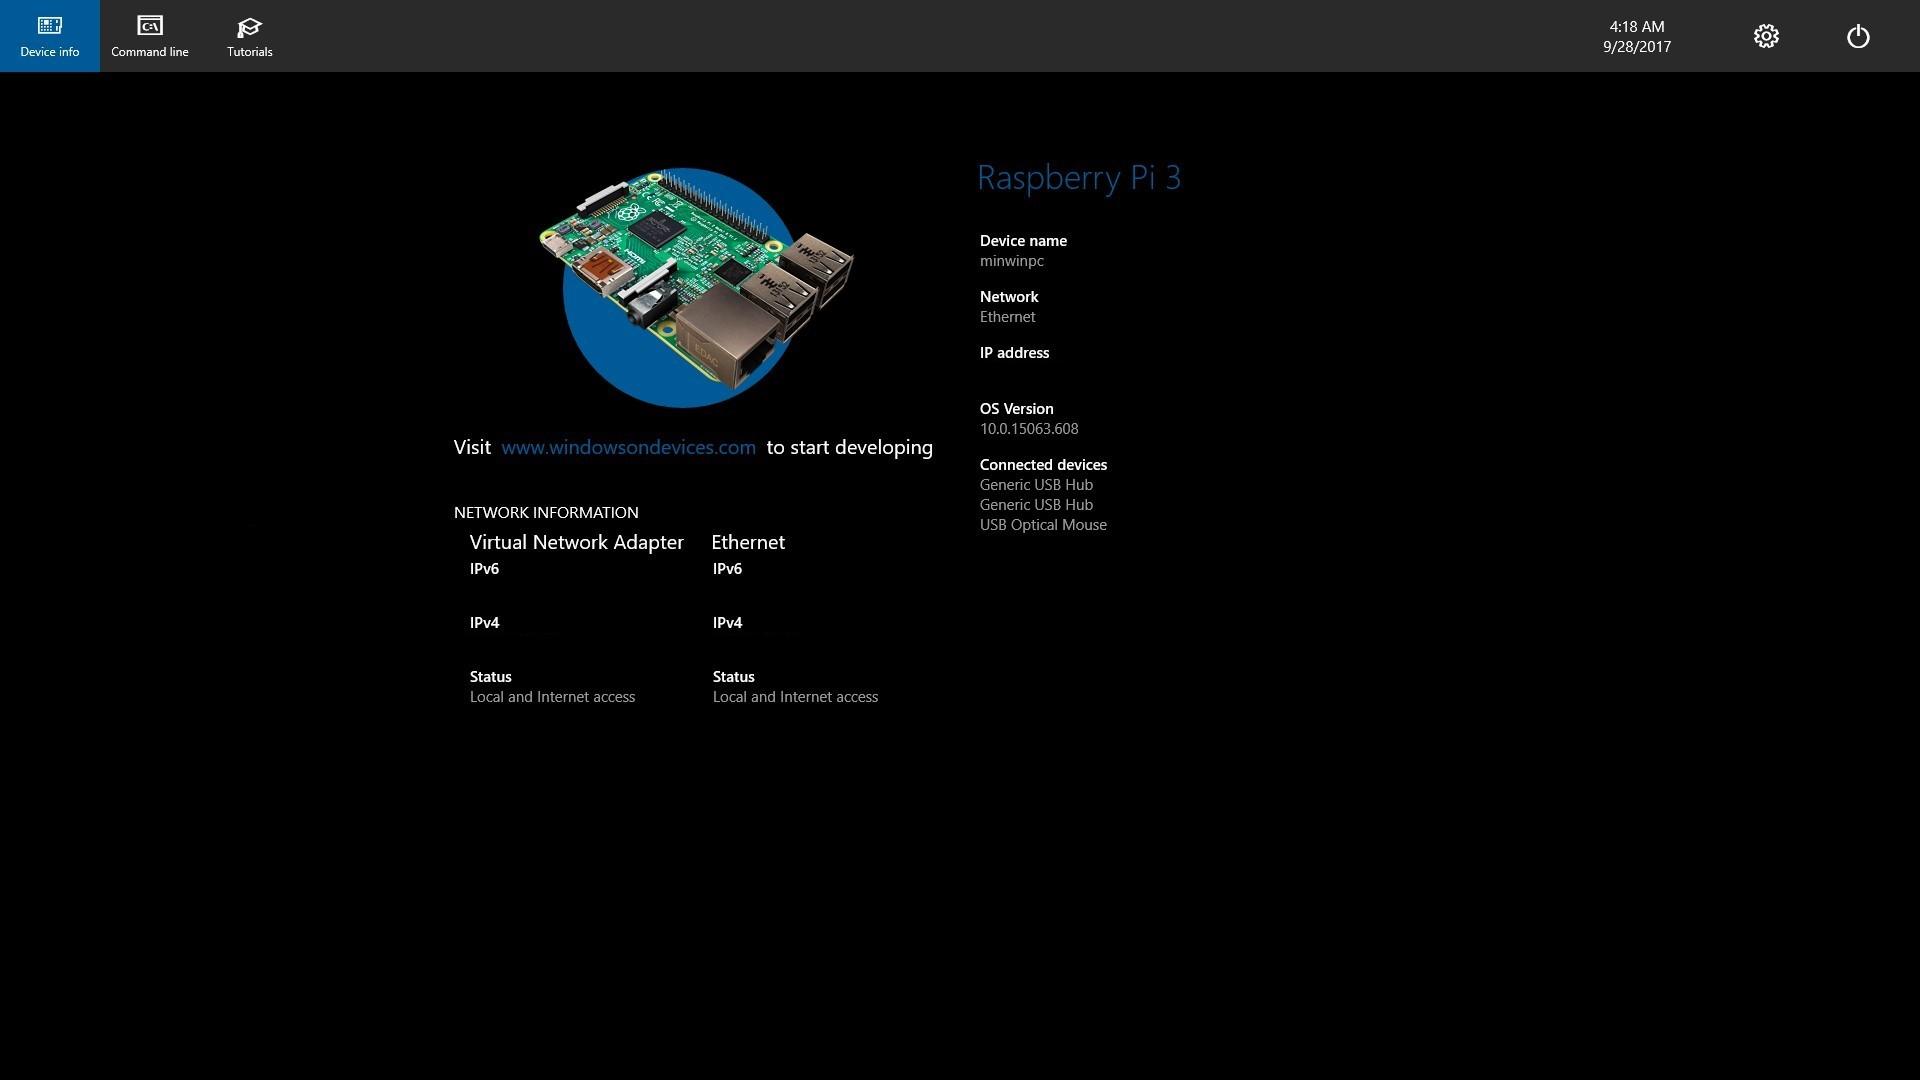 Windows 10 IoT デフォルト画面